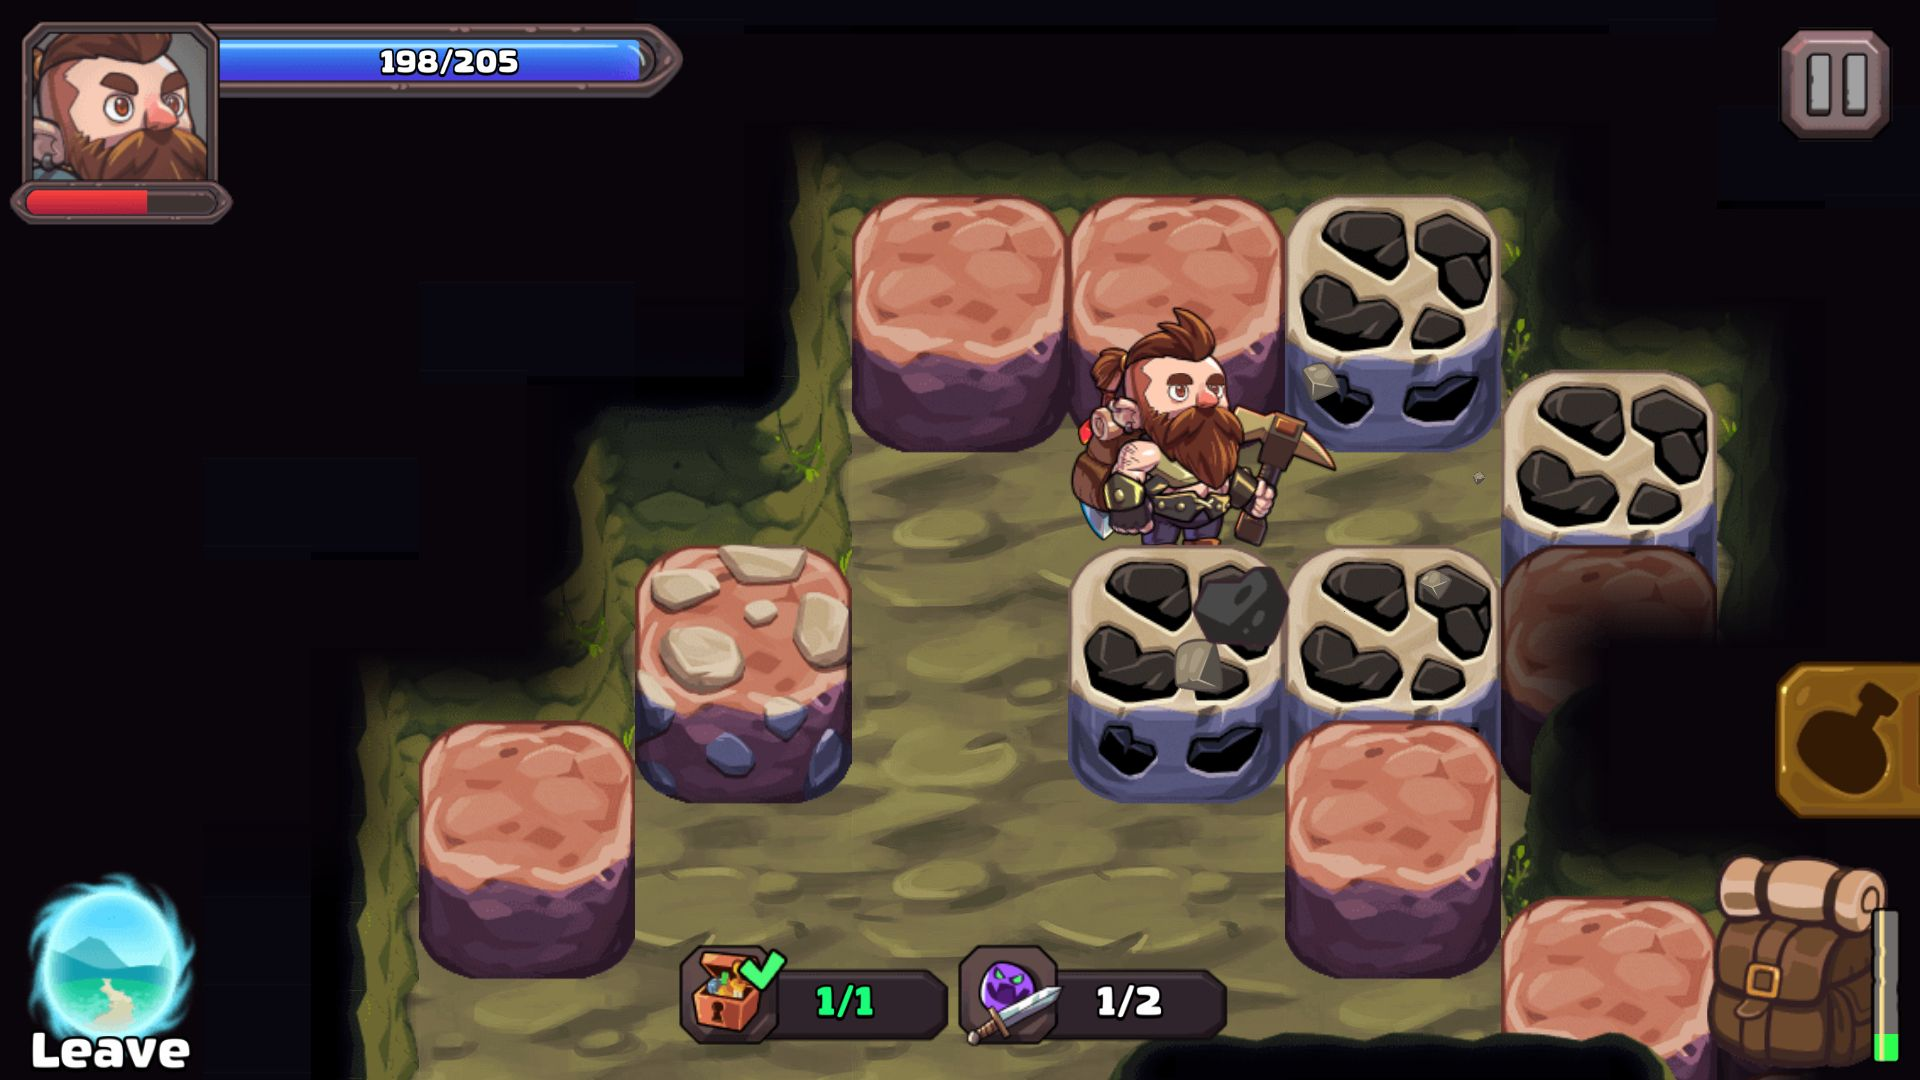 マインクエスト2(Mine Quest 2) androidアプリスクリーンショット2